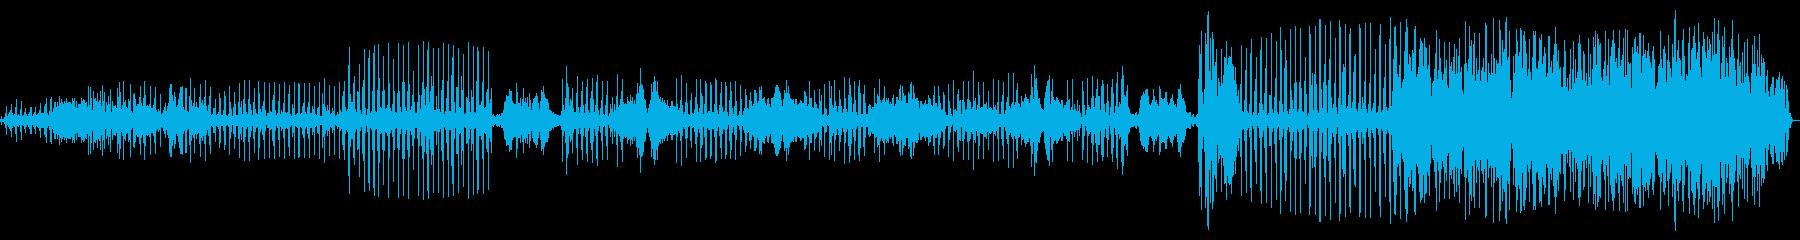 ラジオスキャン2 2の再生済みの波形